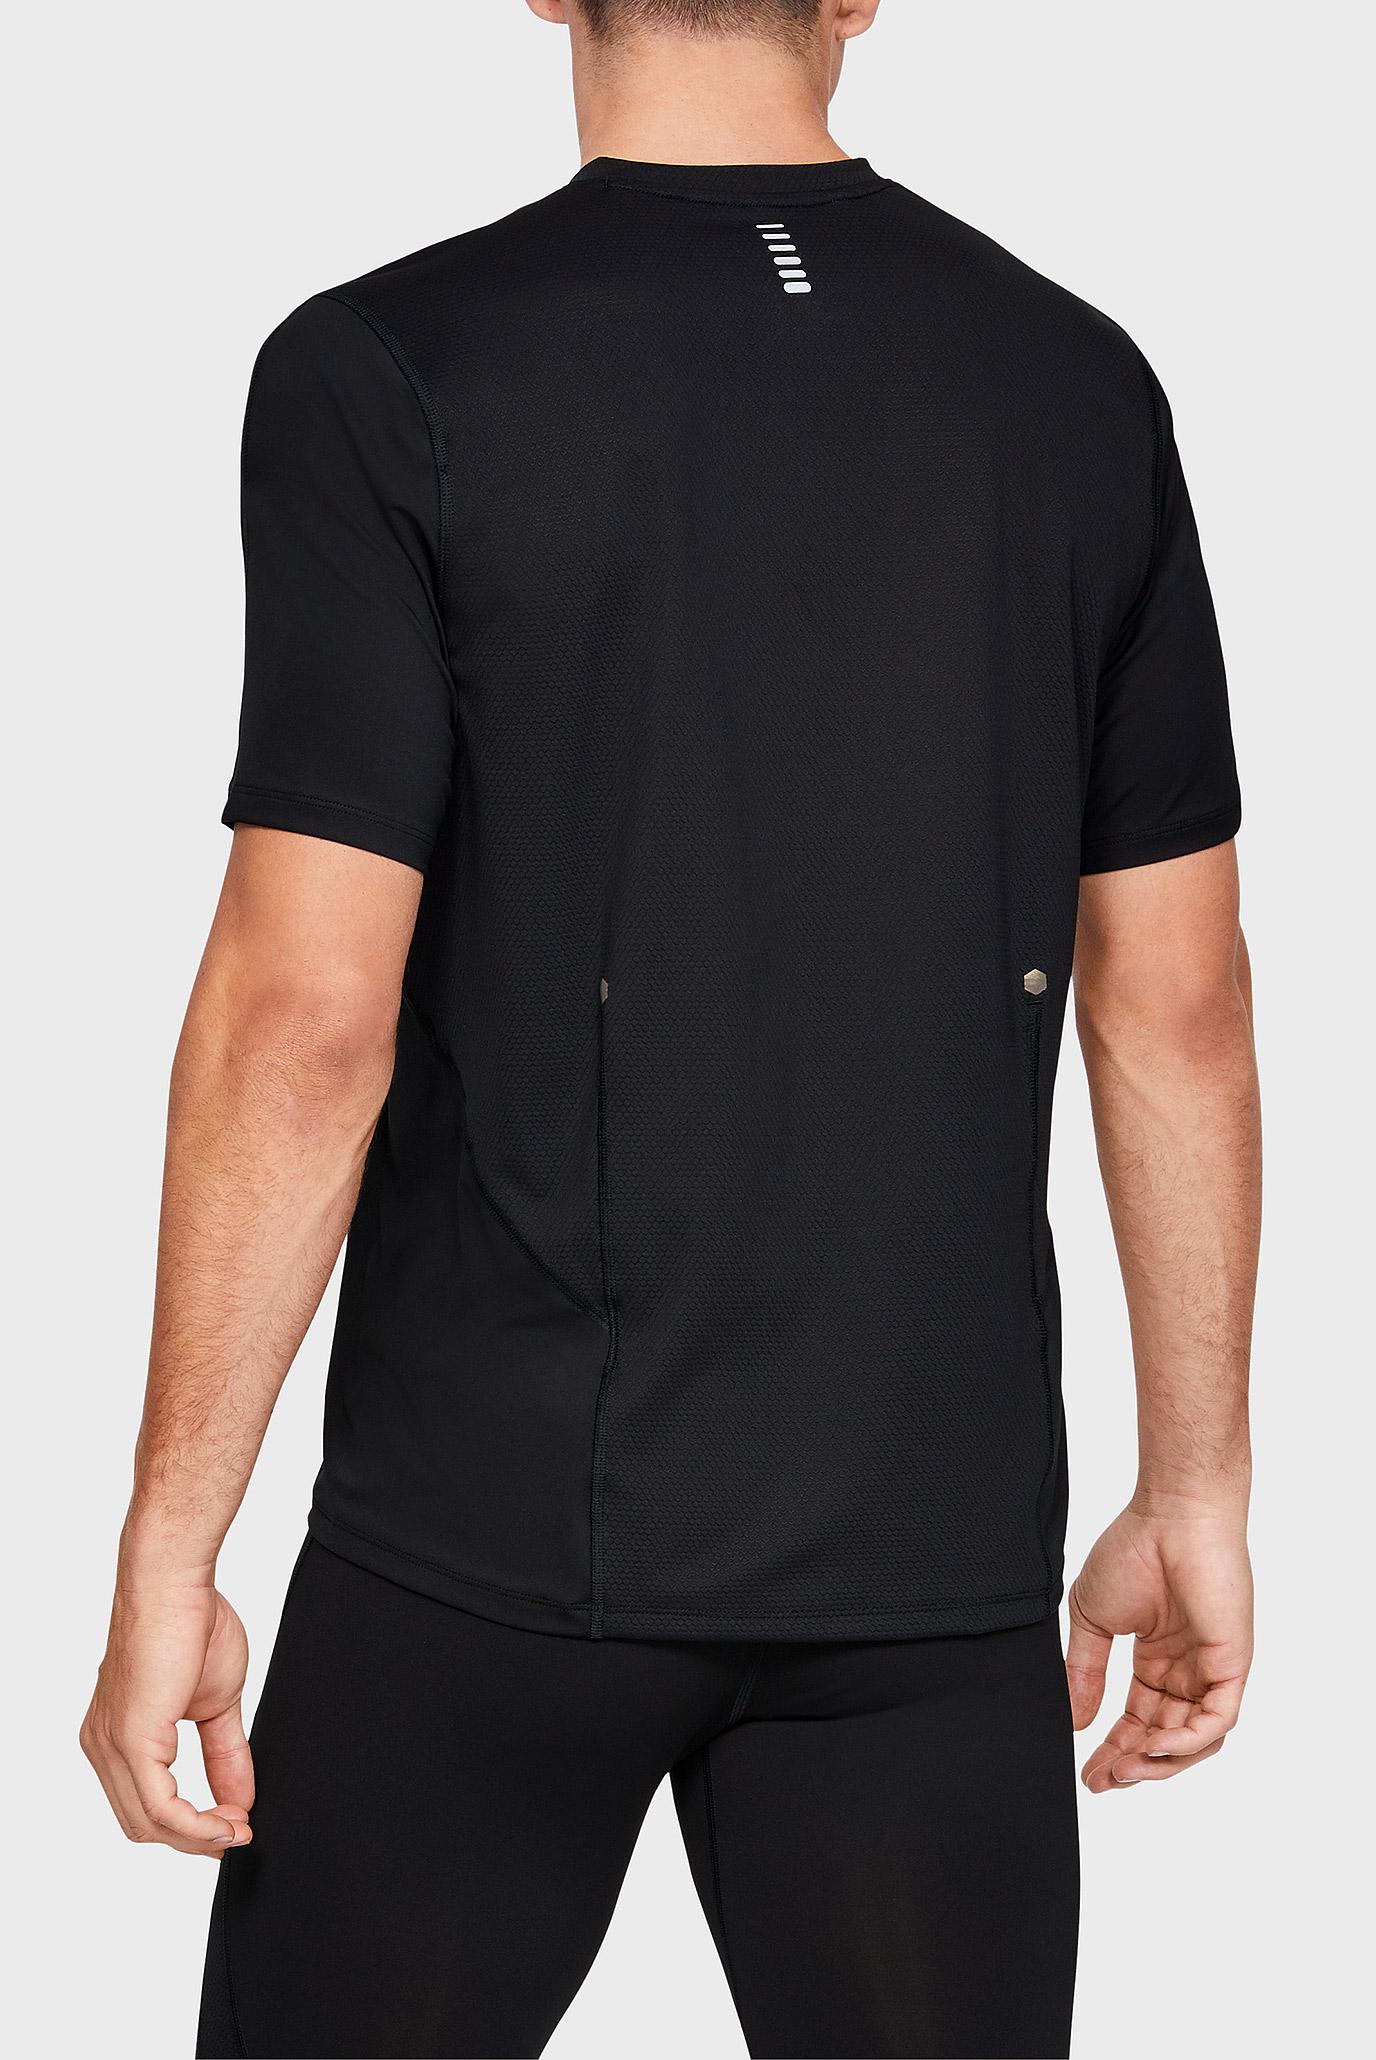 Купить Мужская черная футболка UA RUSH RUN Under Armour Under Armour 1331741-001 – Киев, Украина. Цены в интернет магазине MD Fashion